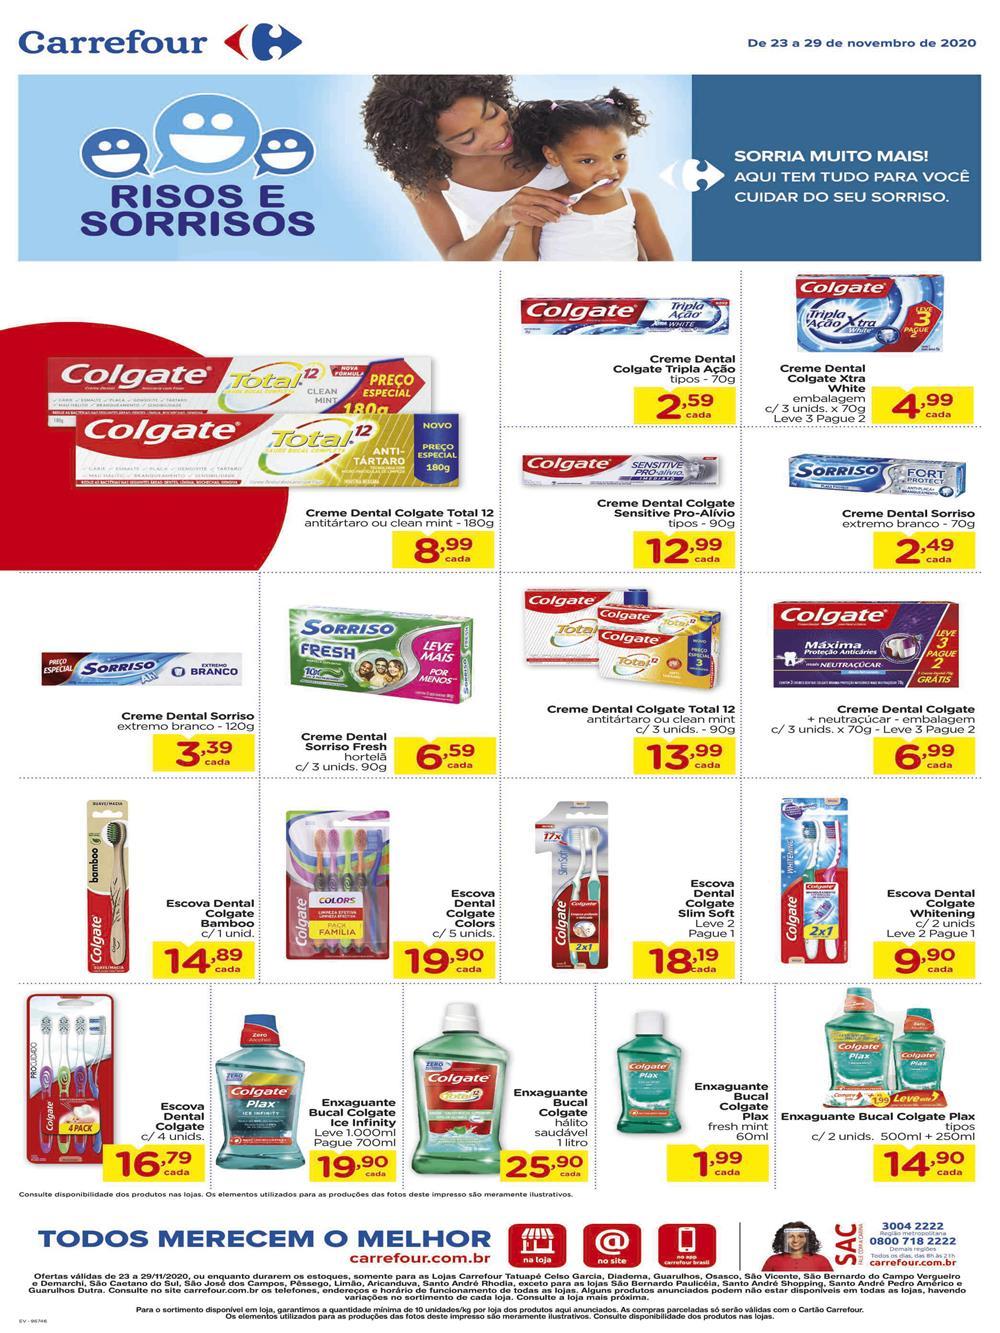 carrefour-ofertas-descontos-hoje11-6 Carrefour até 29/11